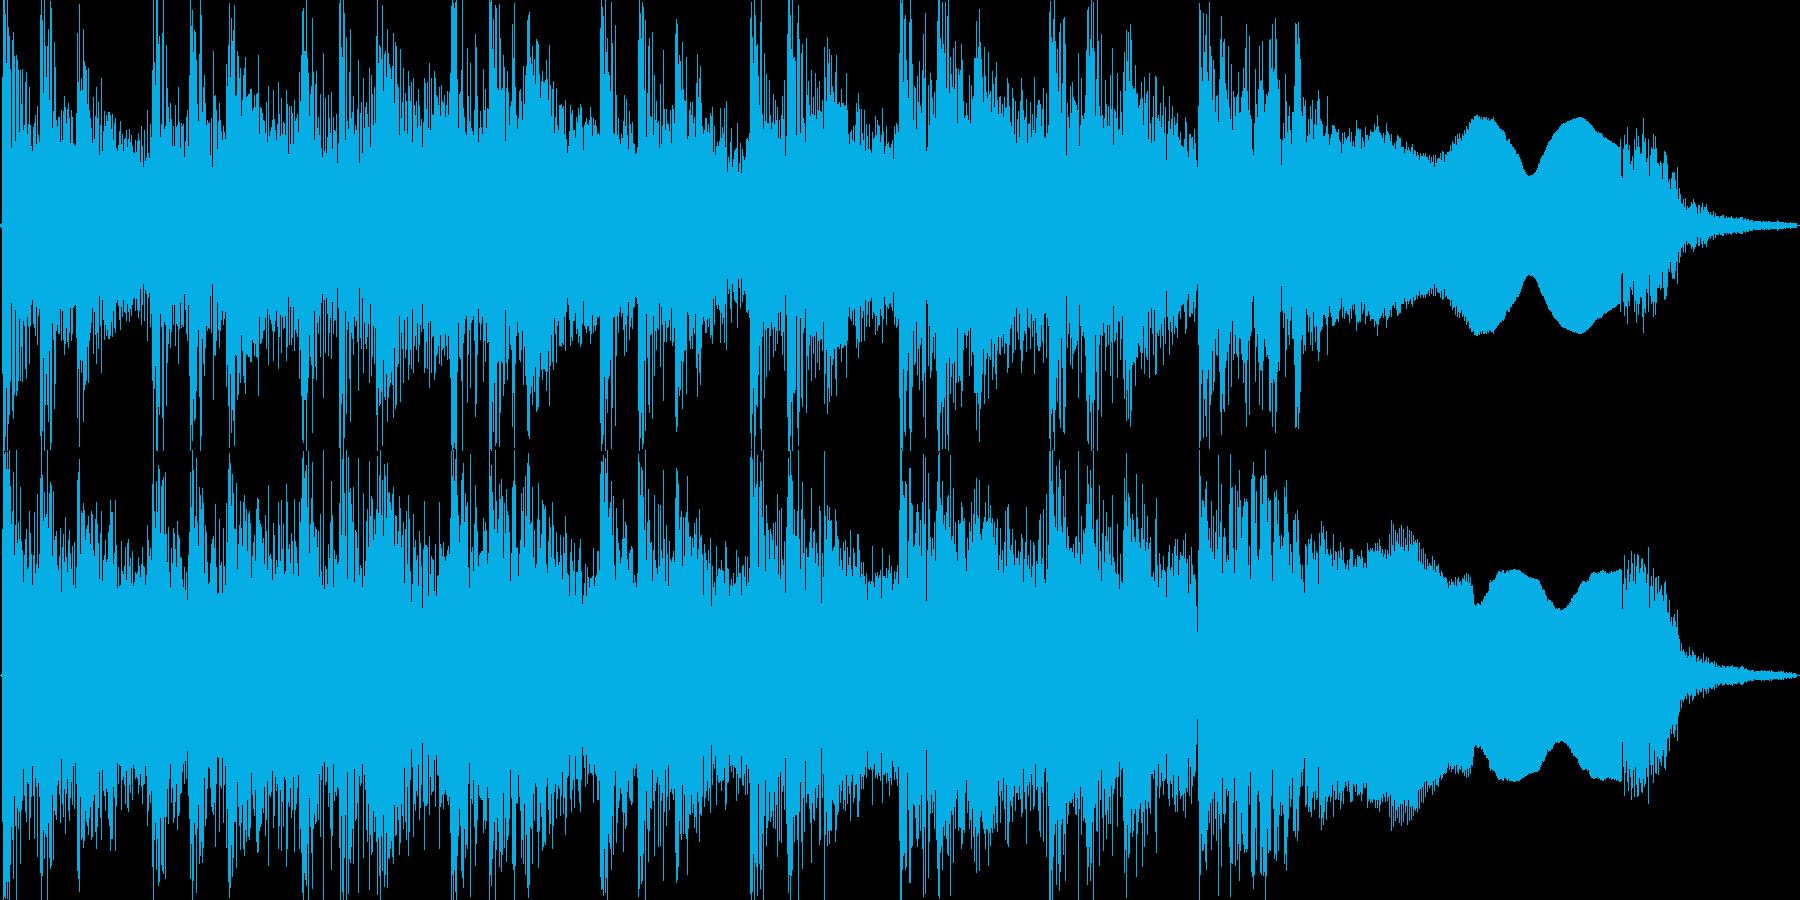 例のリズムをベースにしたハードロックの再生済みの波形